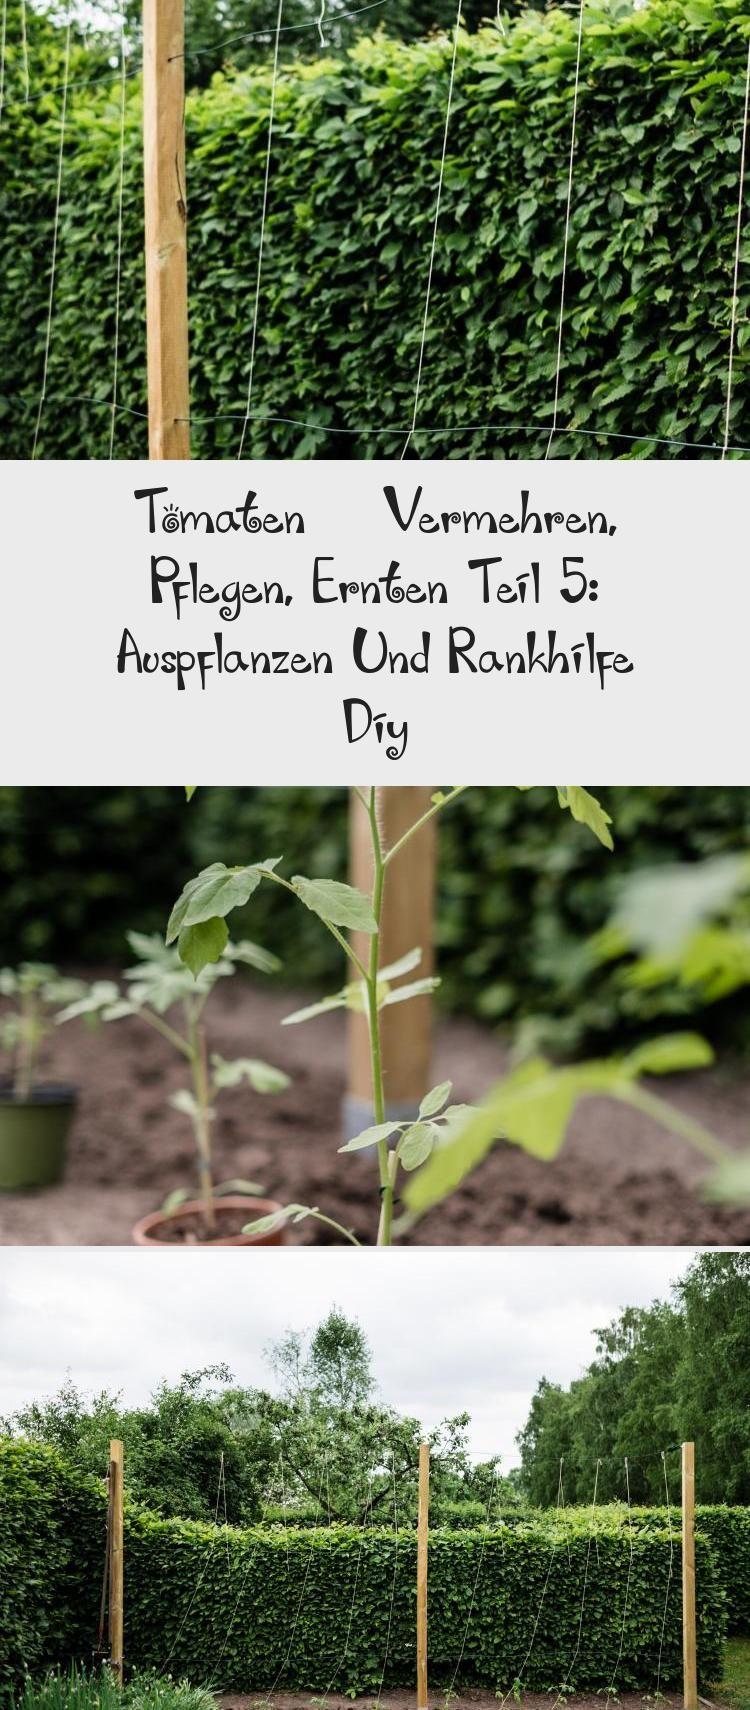 Tomaten Vermehren Pflegen Ernten Teil 5 Auspflanzen Und Rankhilfe Diy In 2020 Plants Herbs Garden